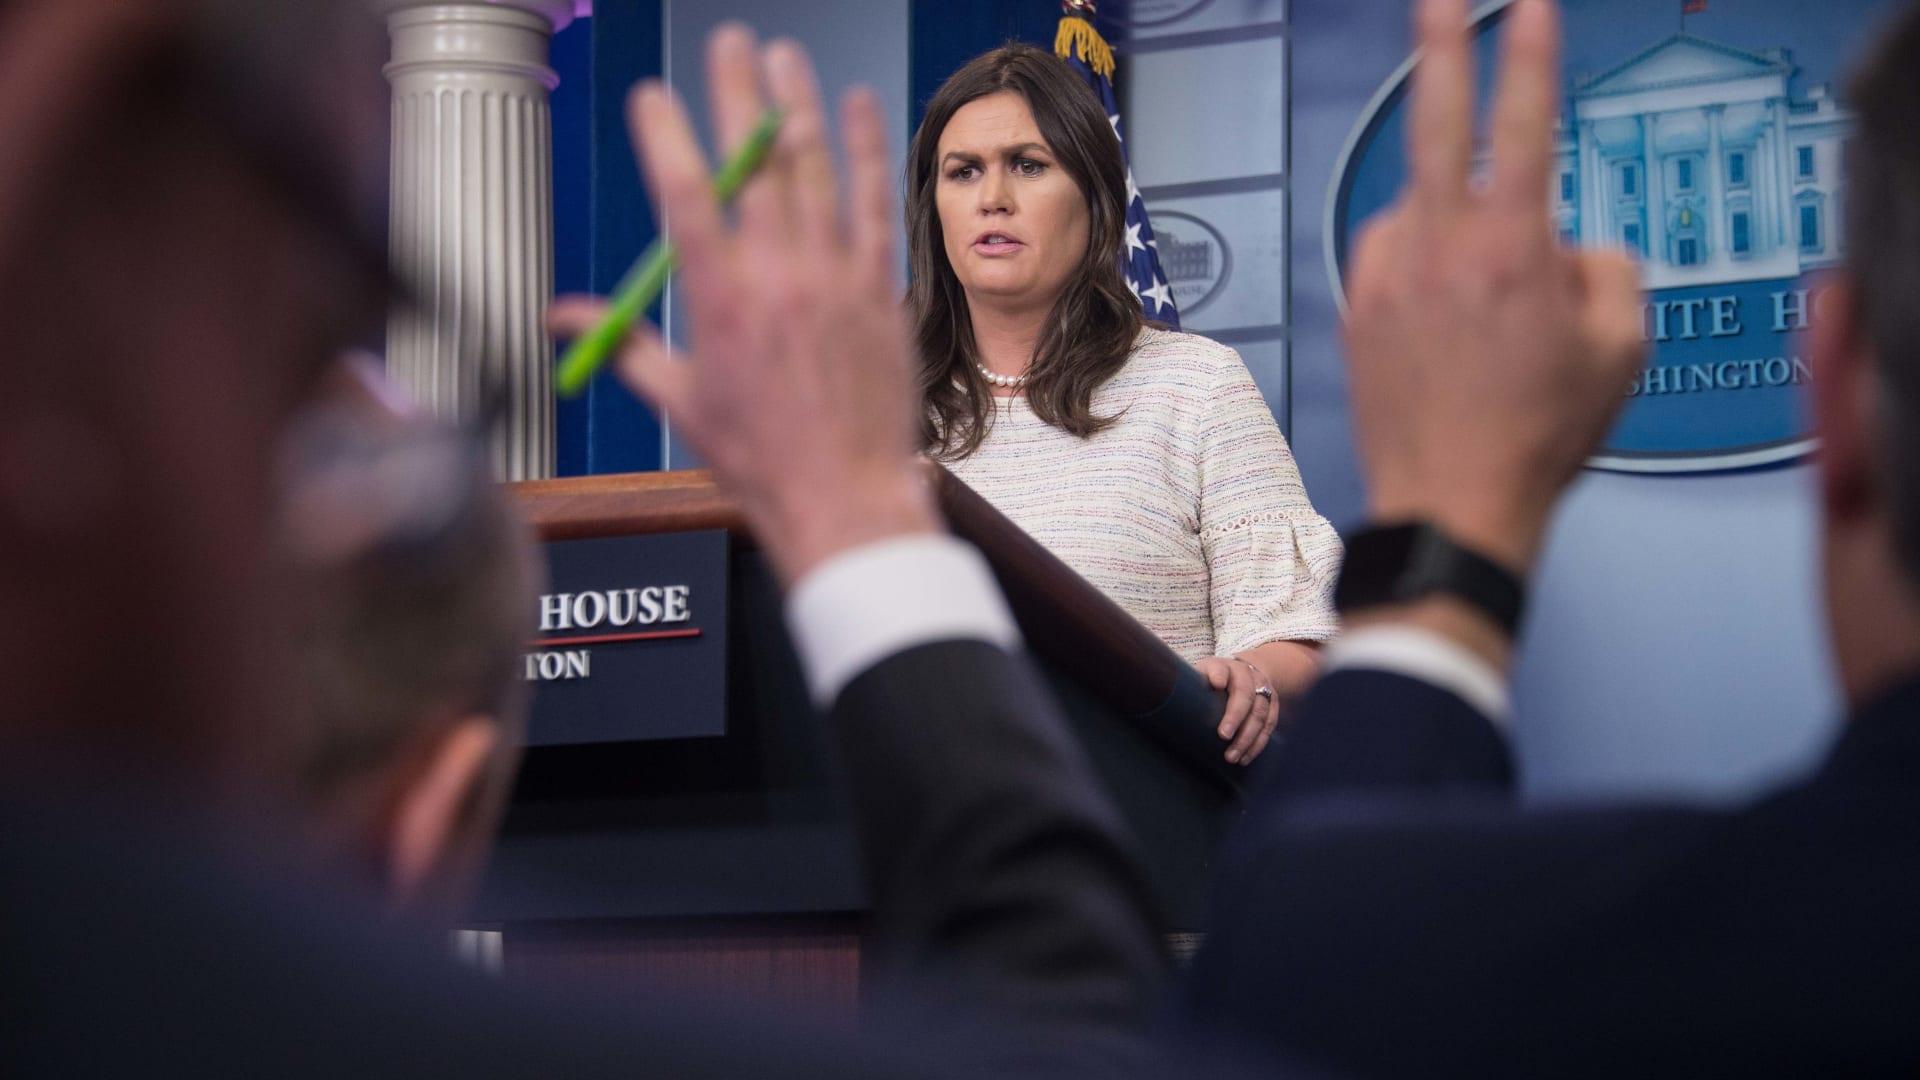 البيت الأبيض: كل الخيارات مطروحة حول سوريا وأحدها الضرب بالصواريخ